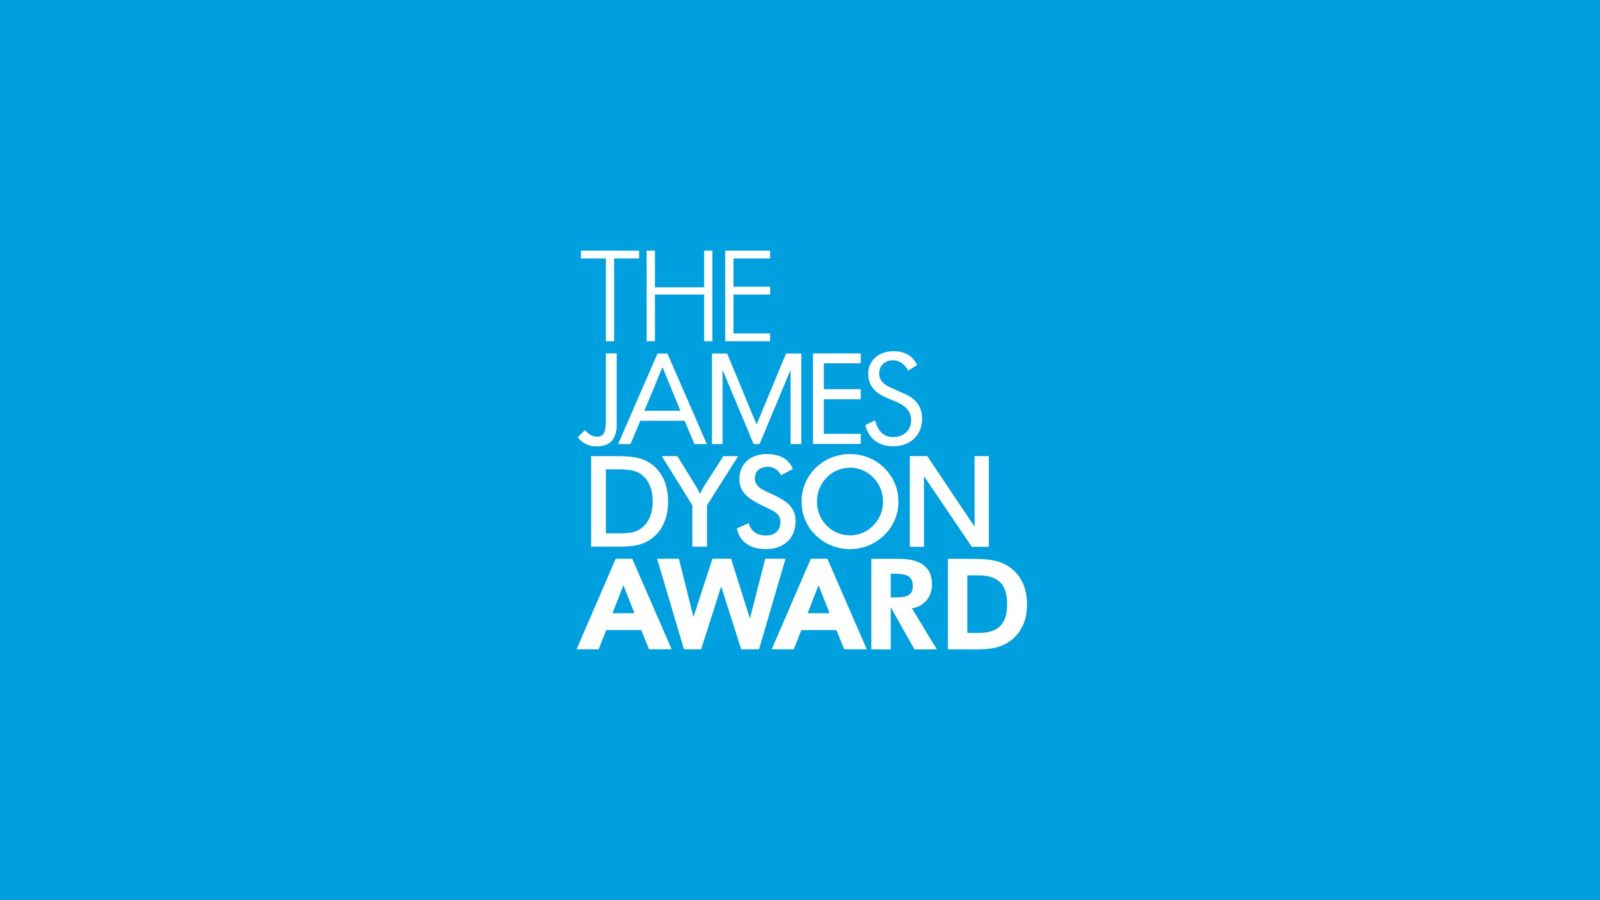 مسابقة جائزة جيمس دايسون 2021